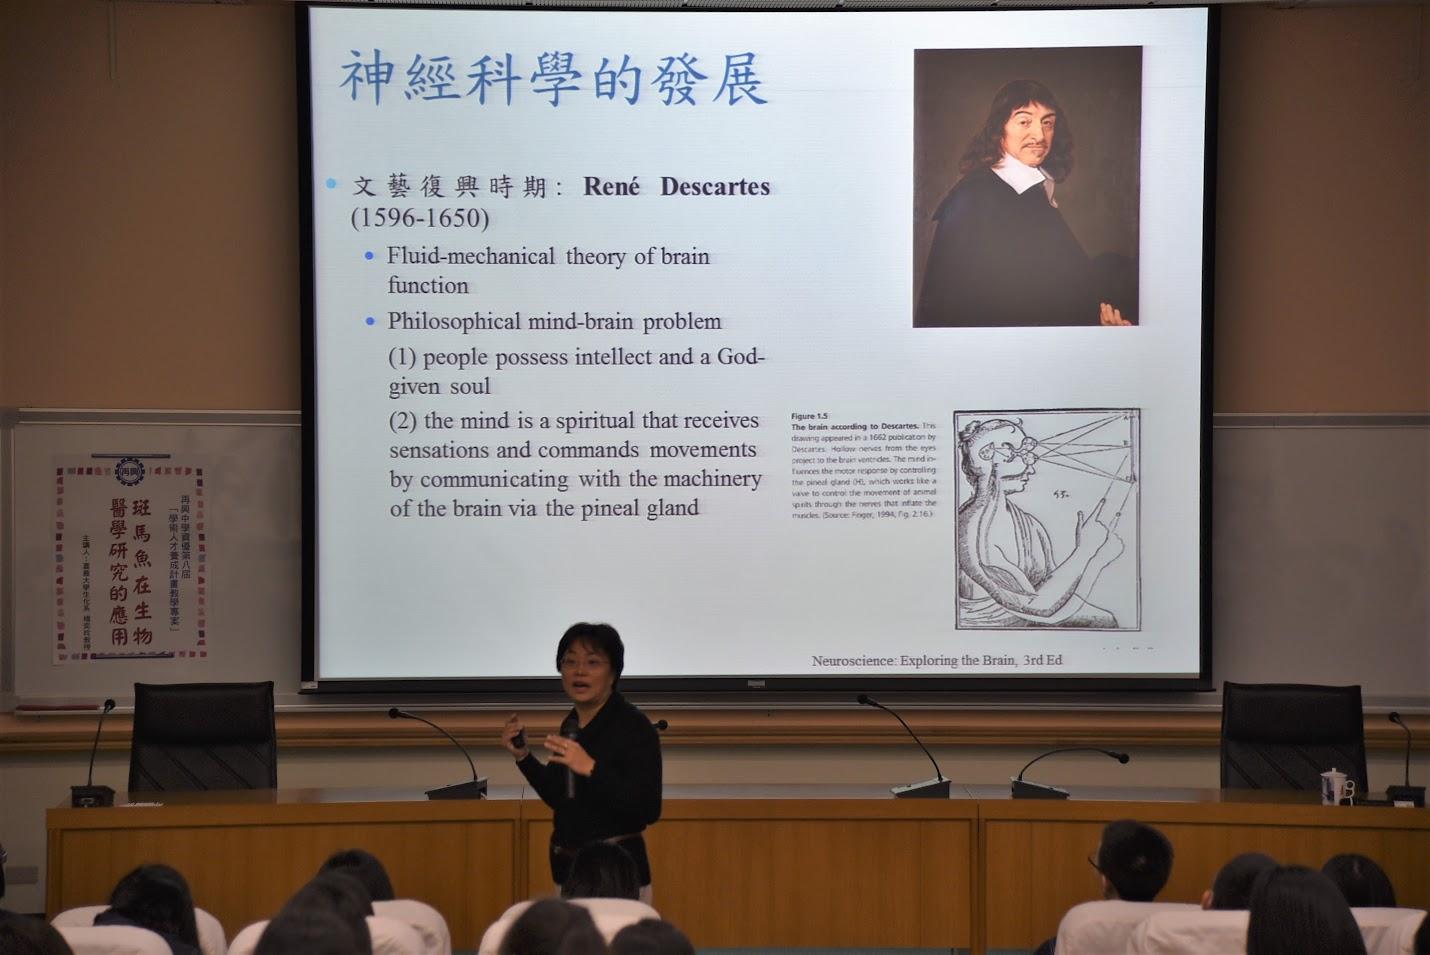 神經科學發展史1